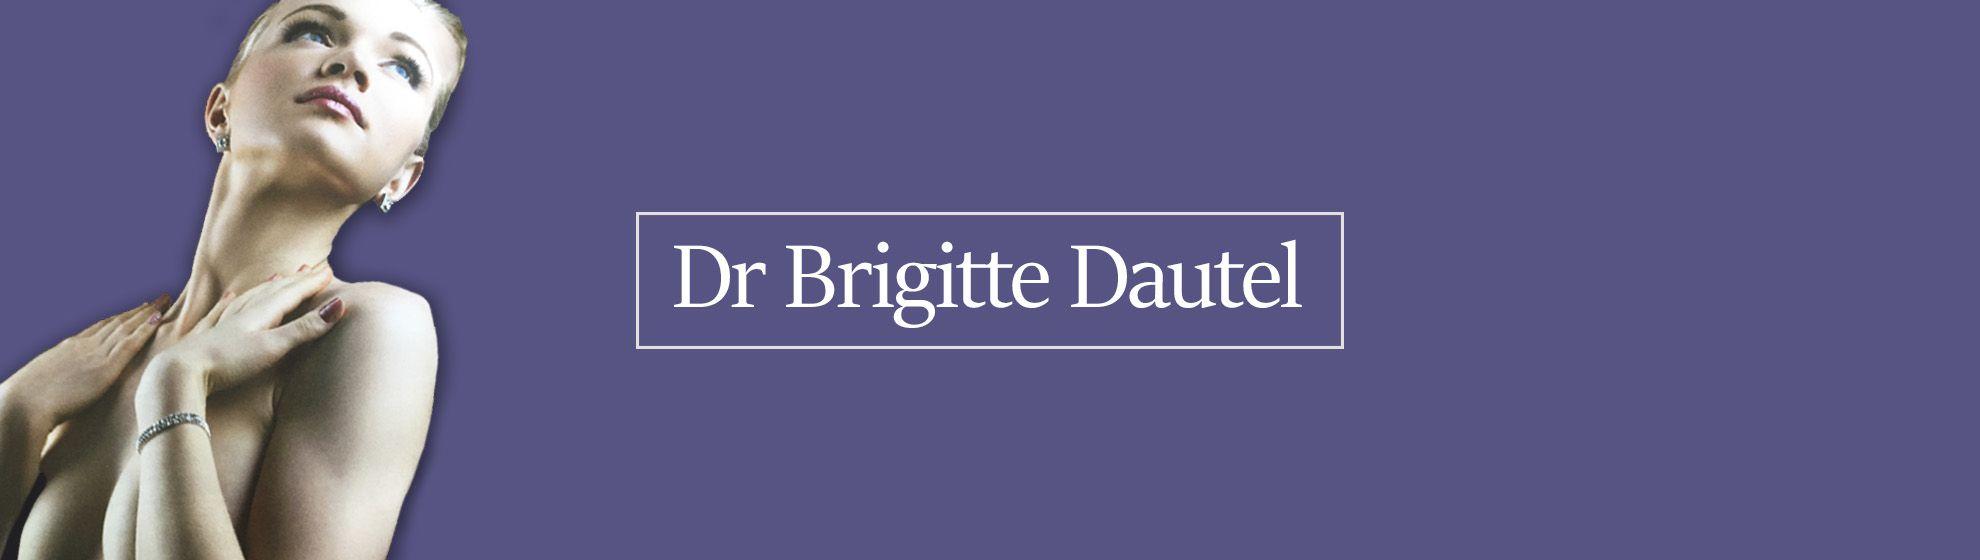 Dr Brigitte Dautel